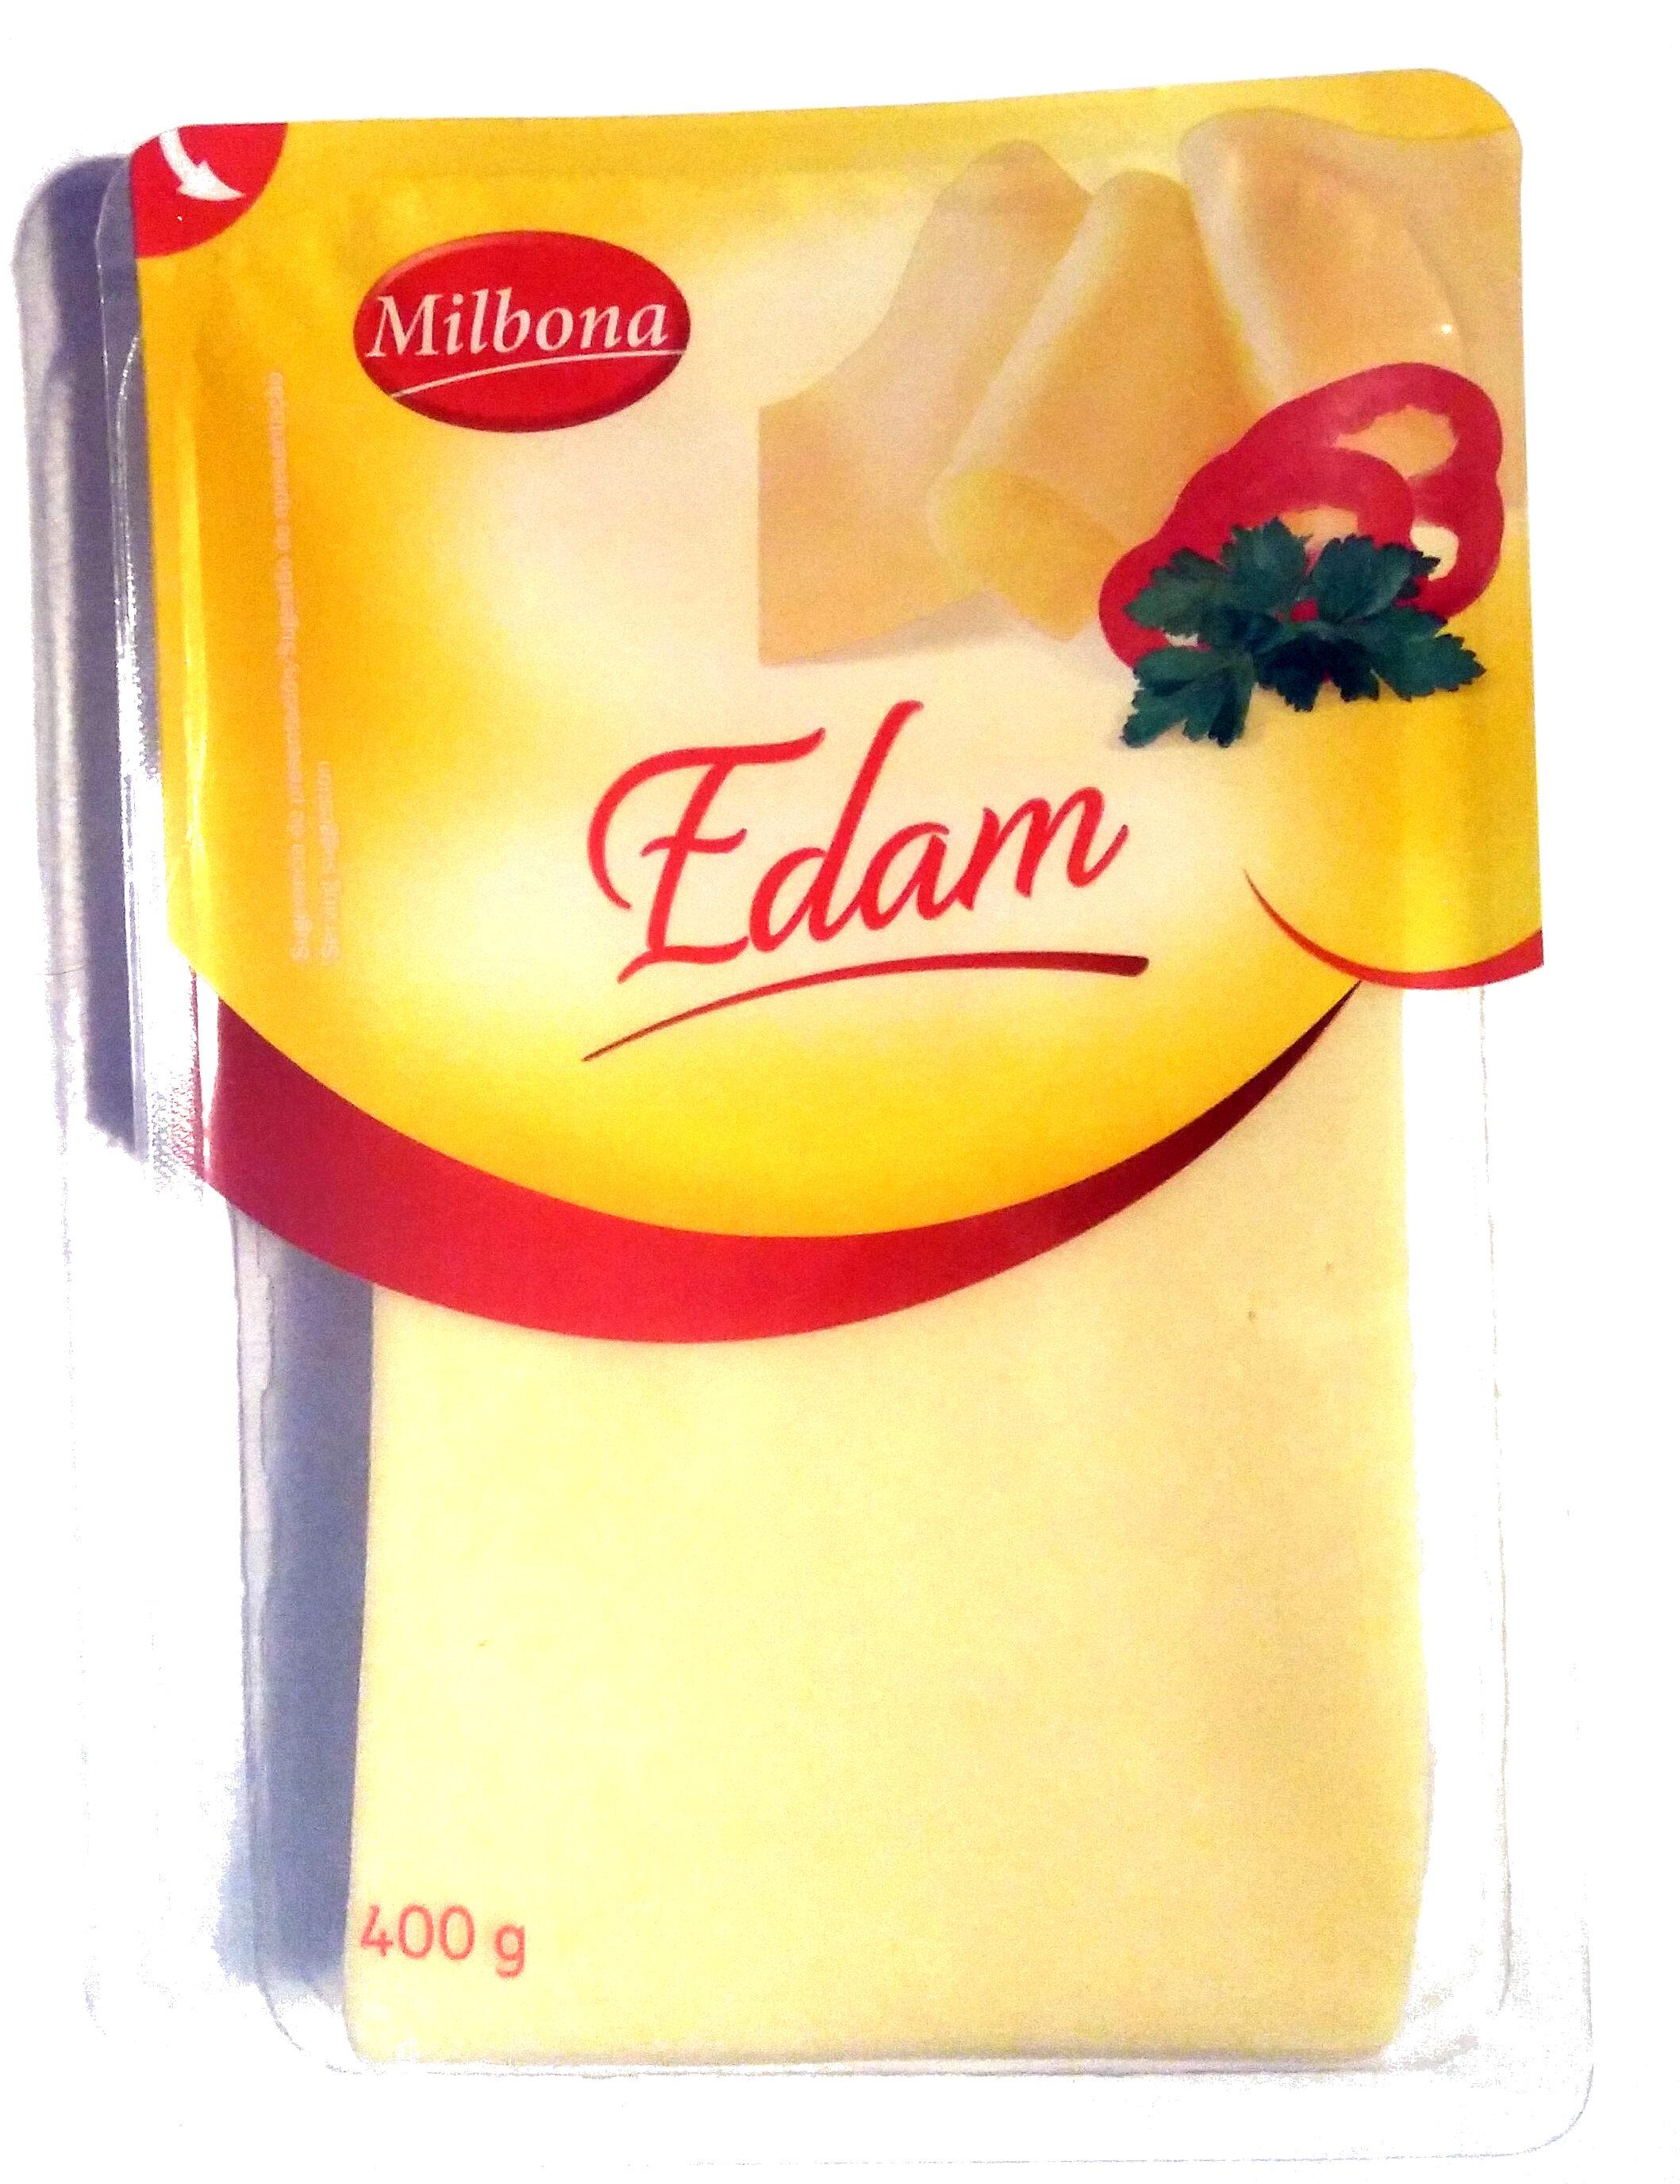 Queso Edam - Produkt - da